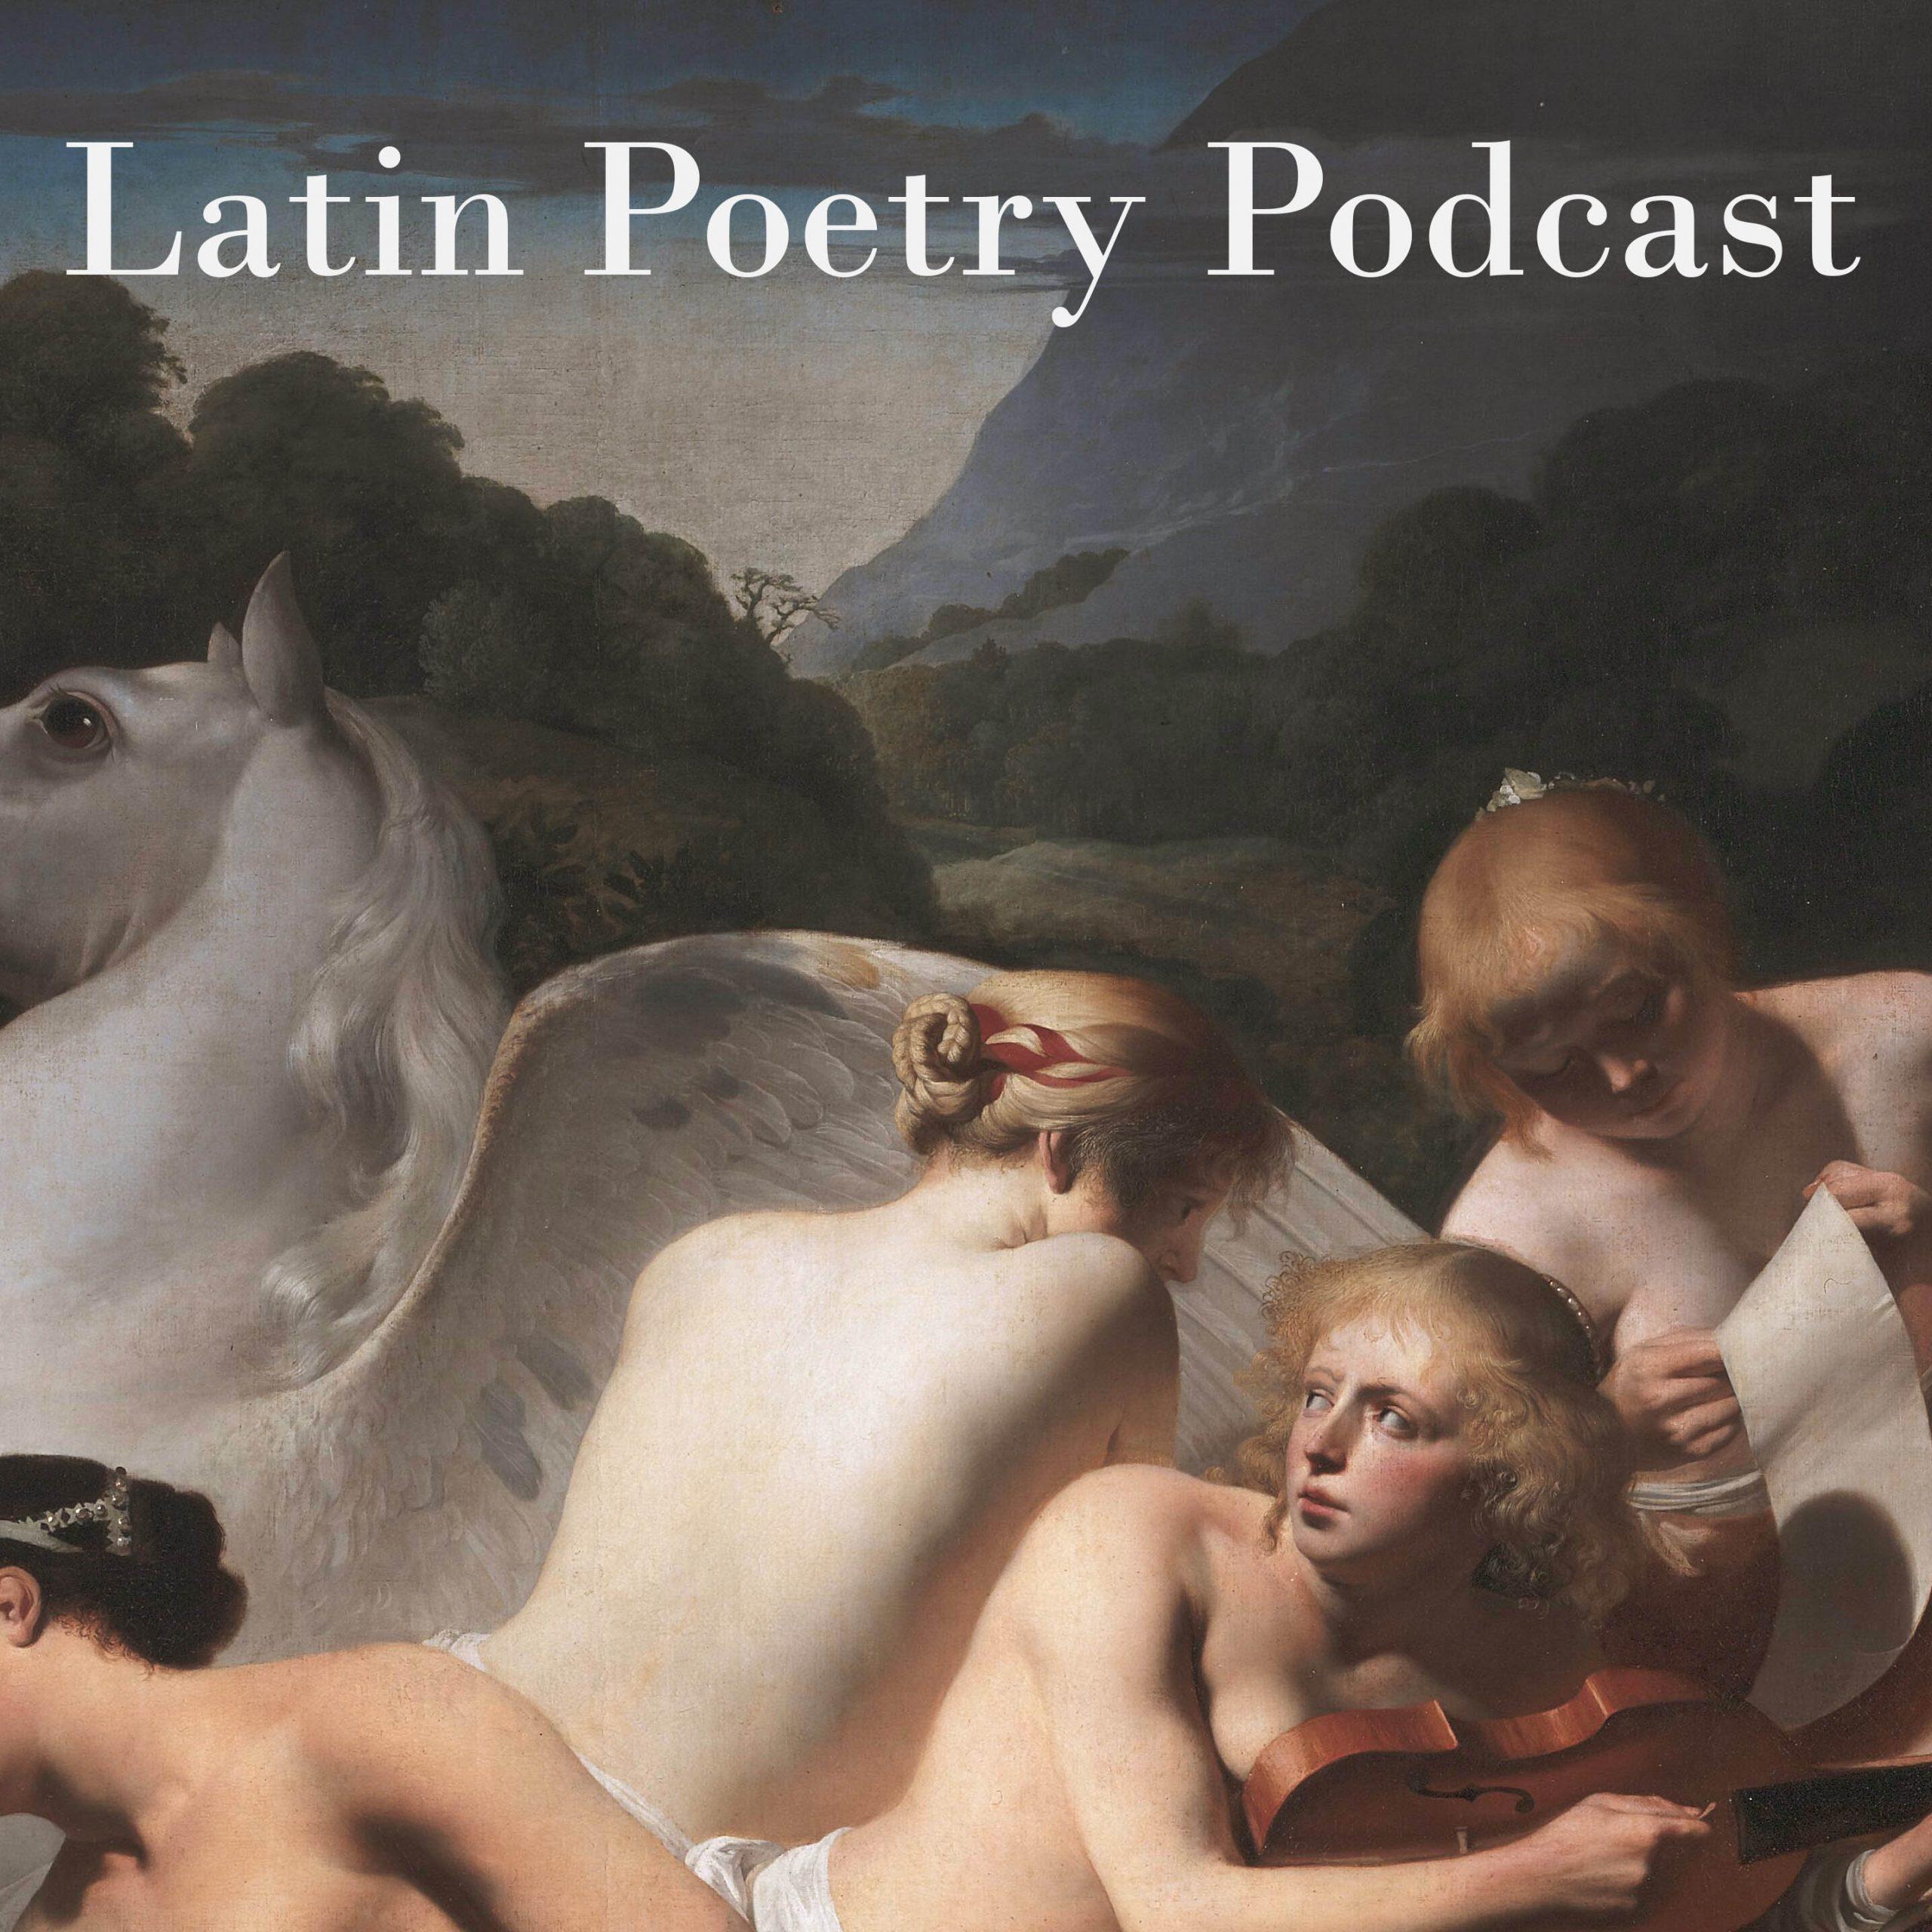 Latin Poetry Podcast